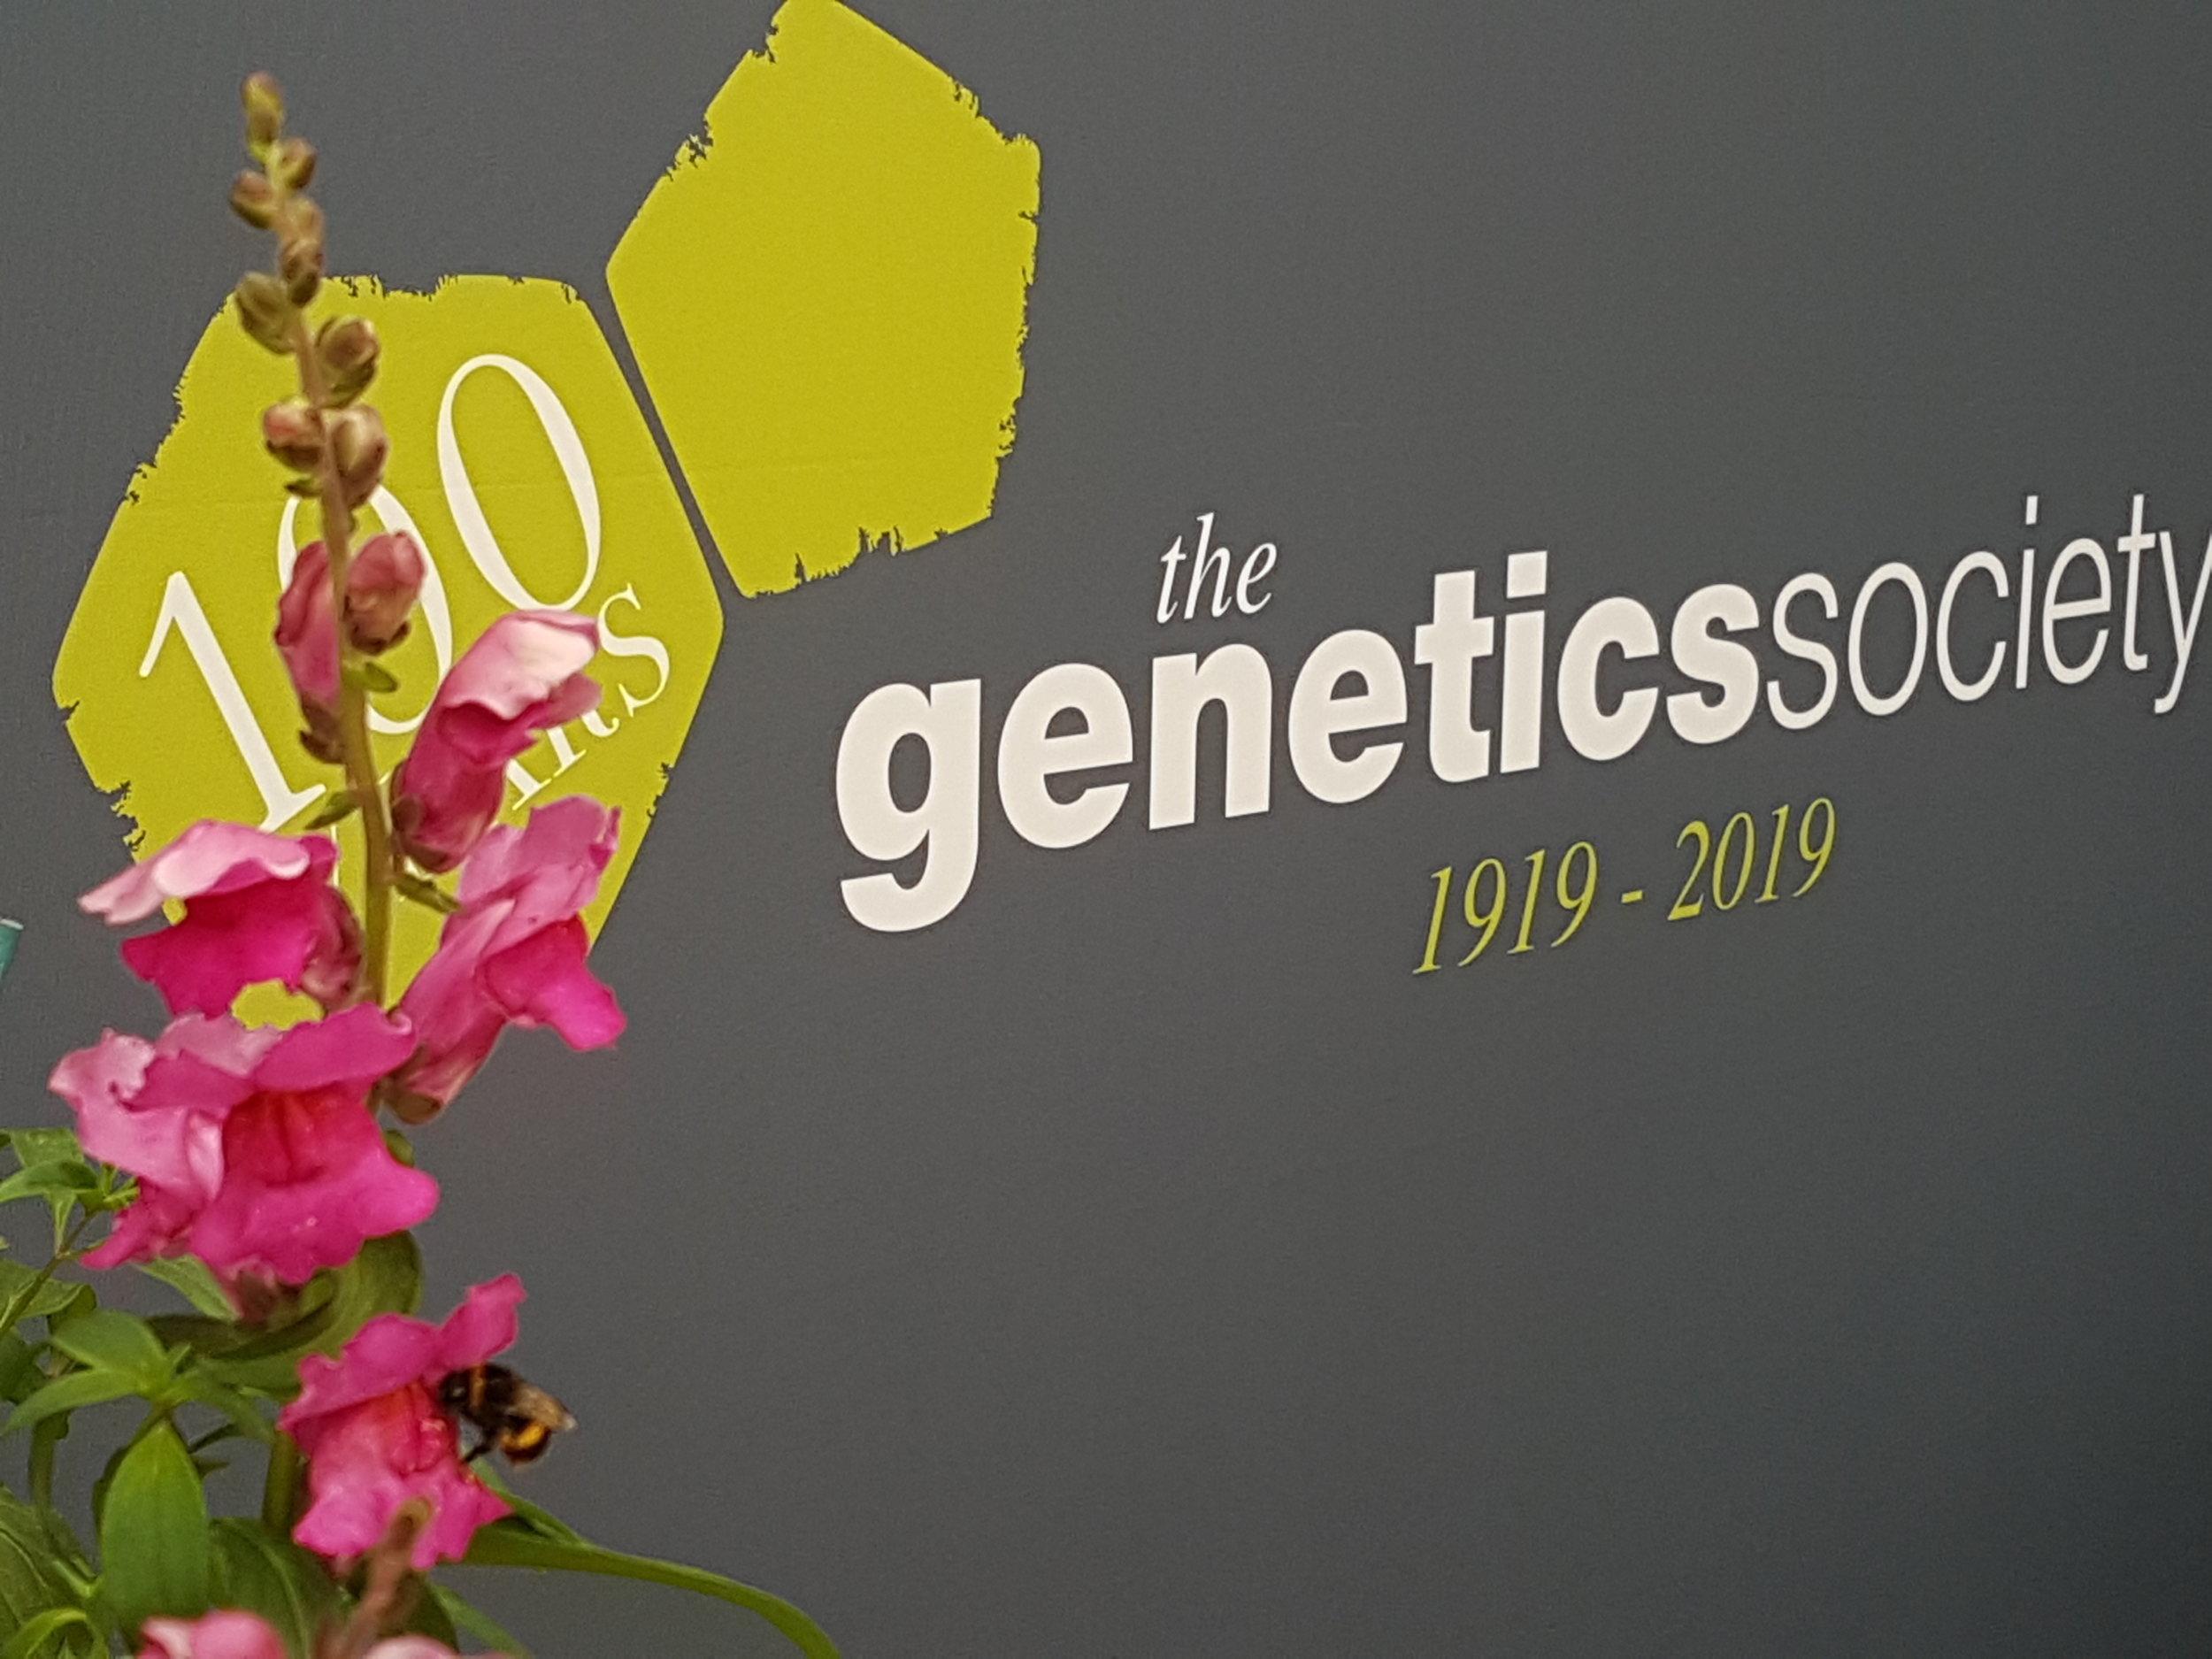 Celebrating the Genetics Society's centenary year